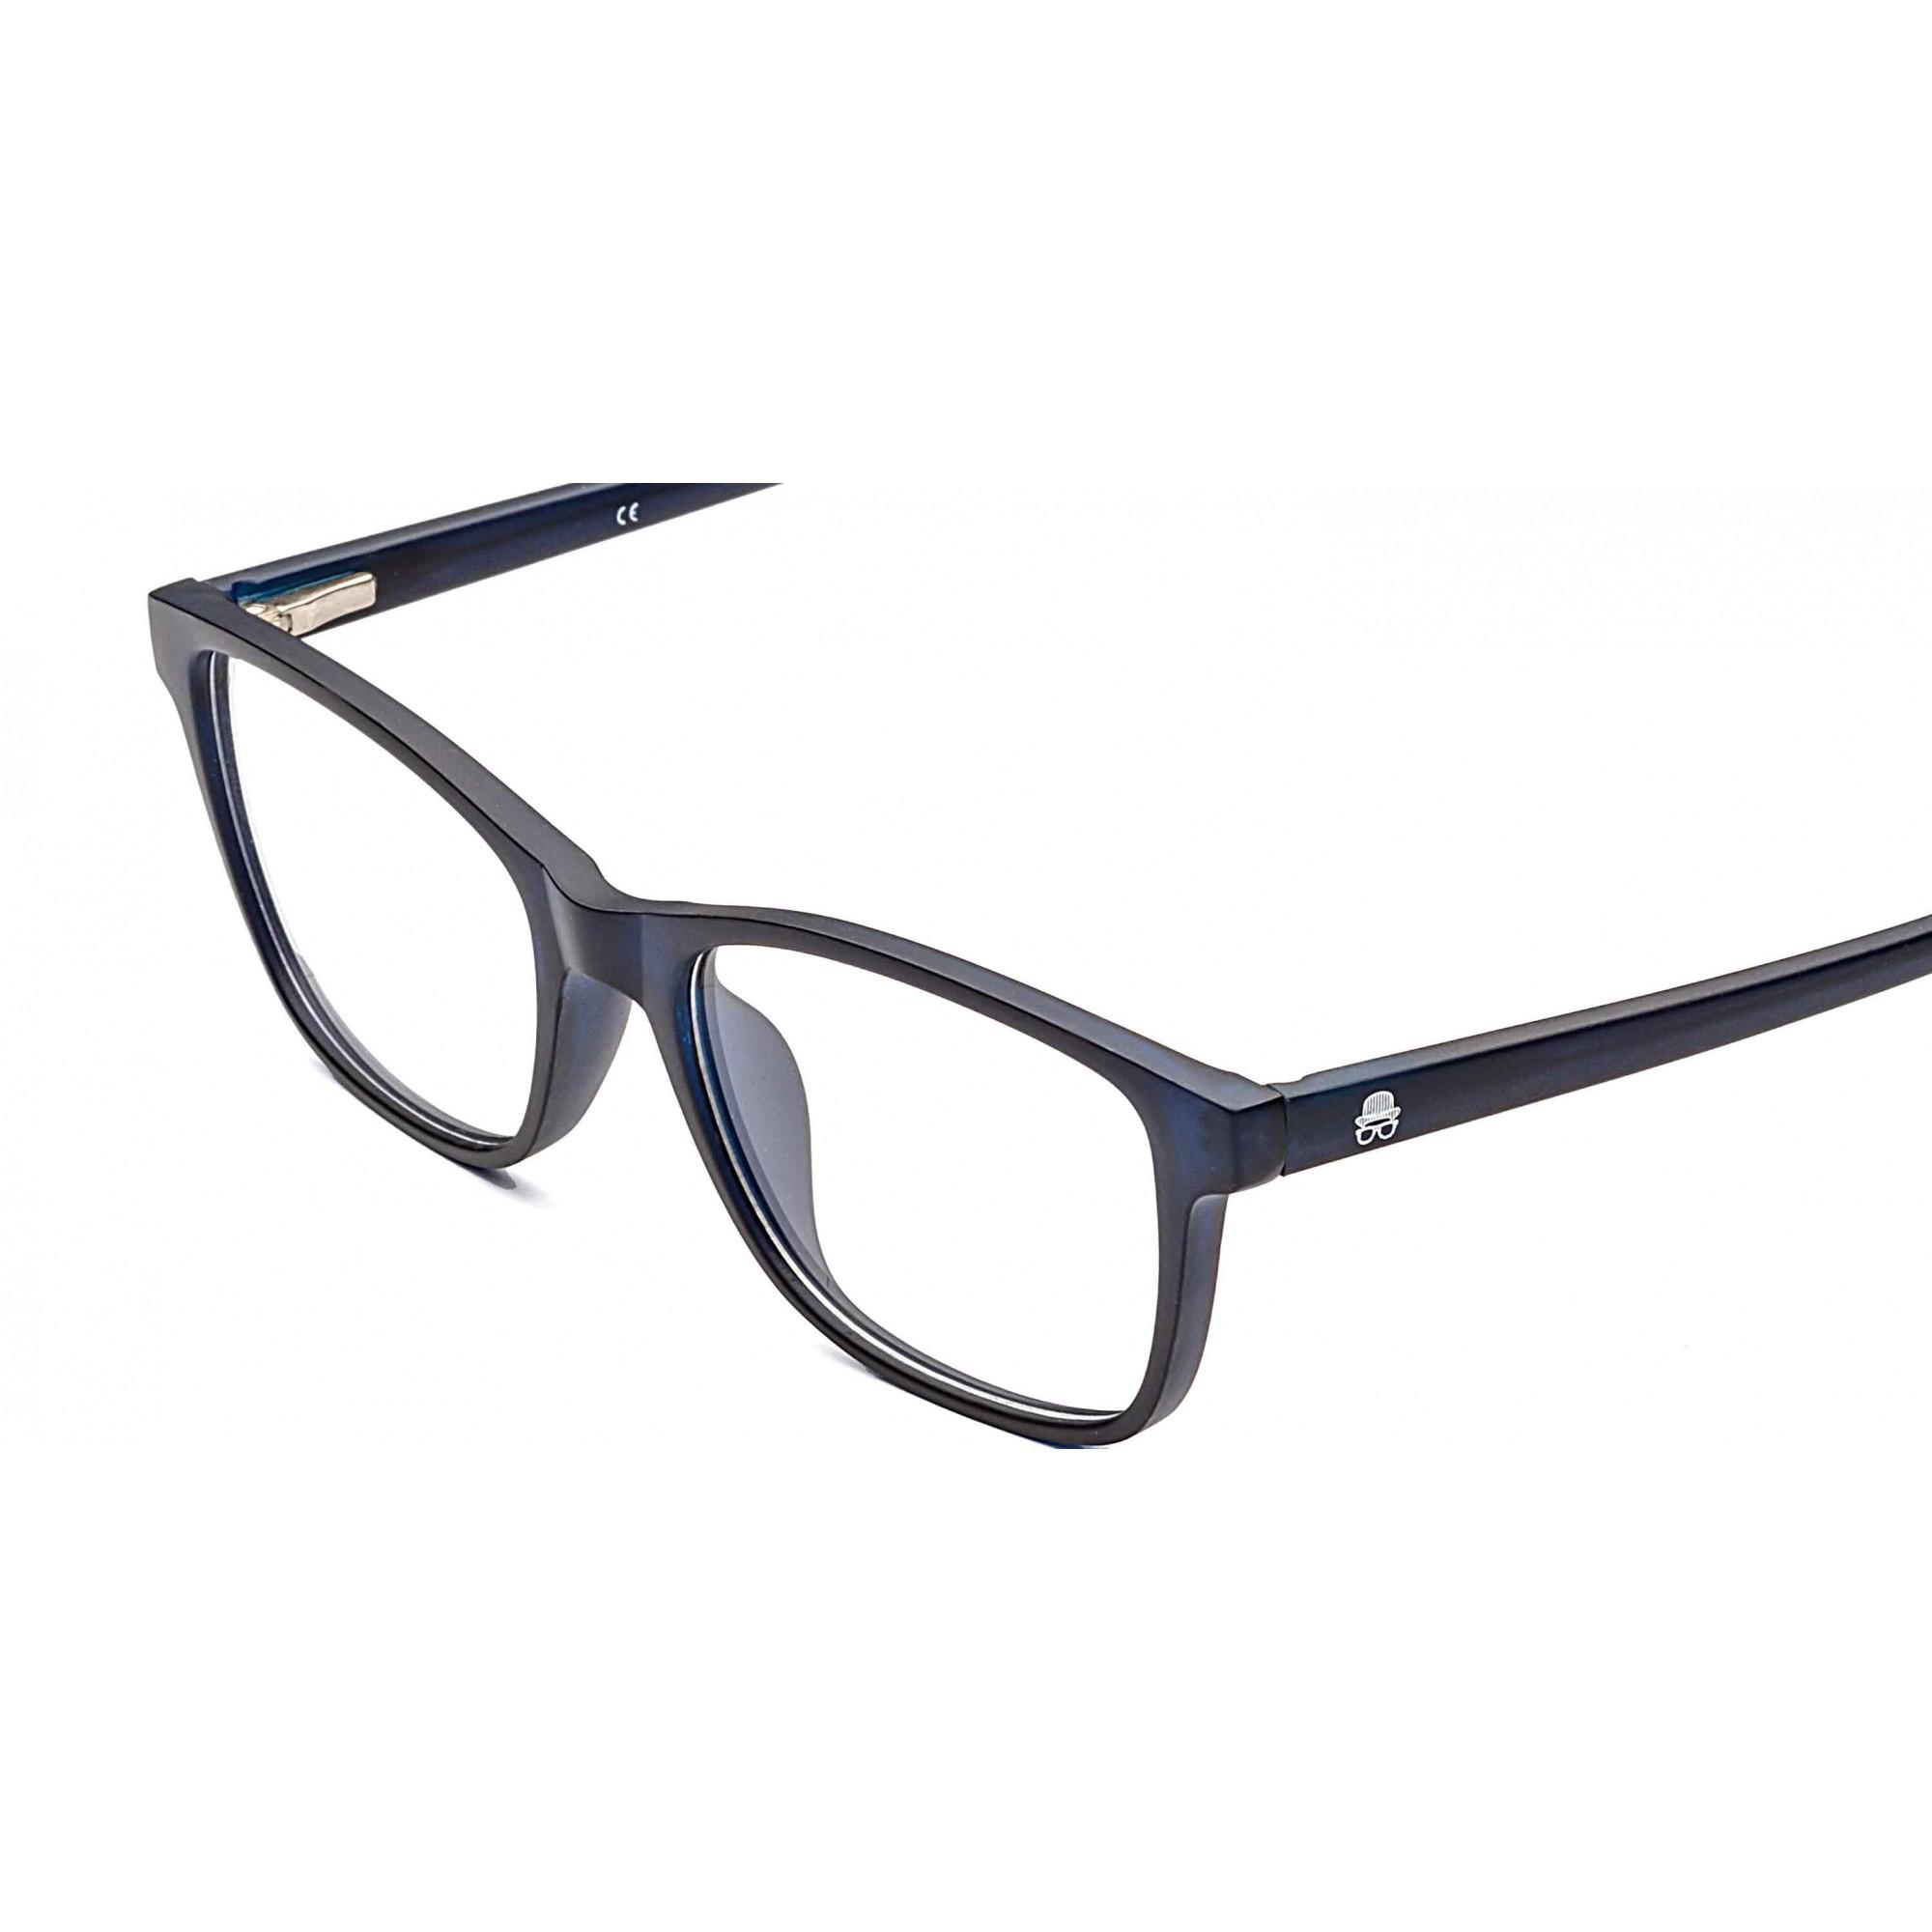 Óculos de Grau Liverpool Rafael Lopes